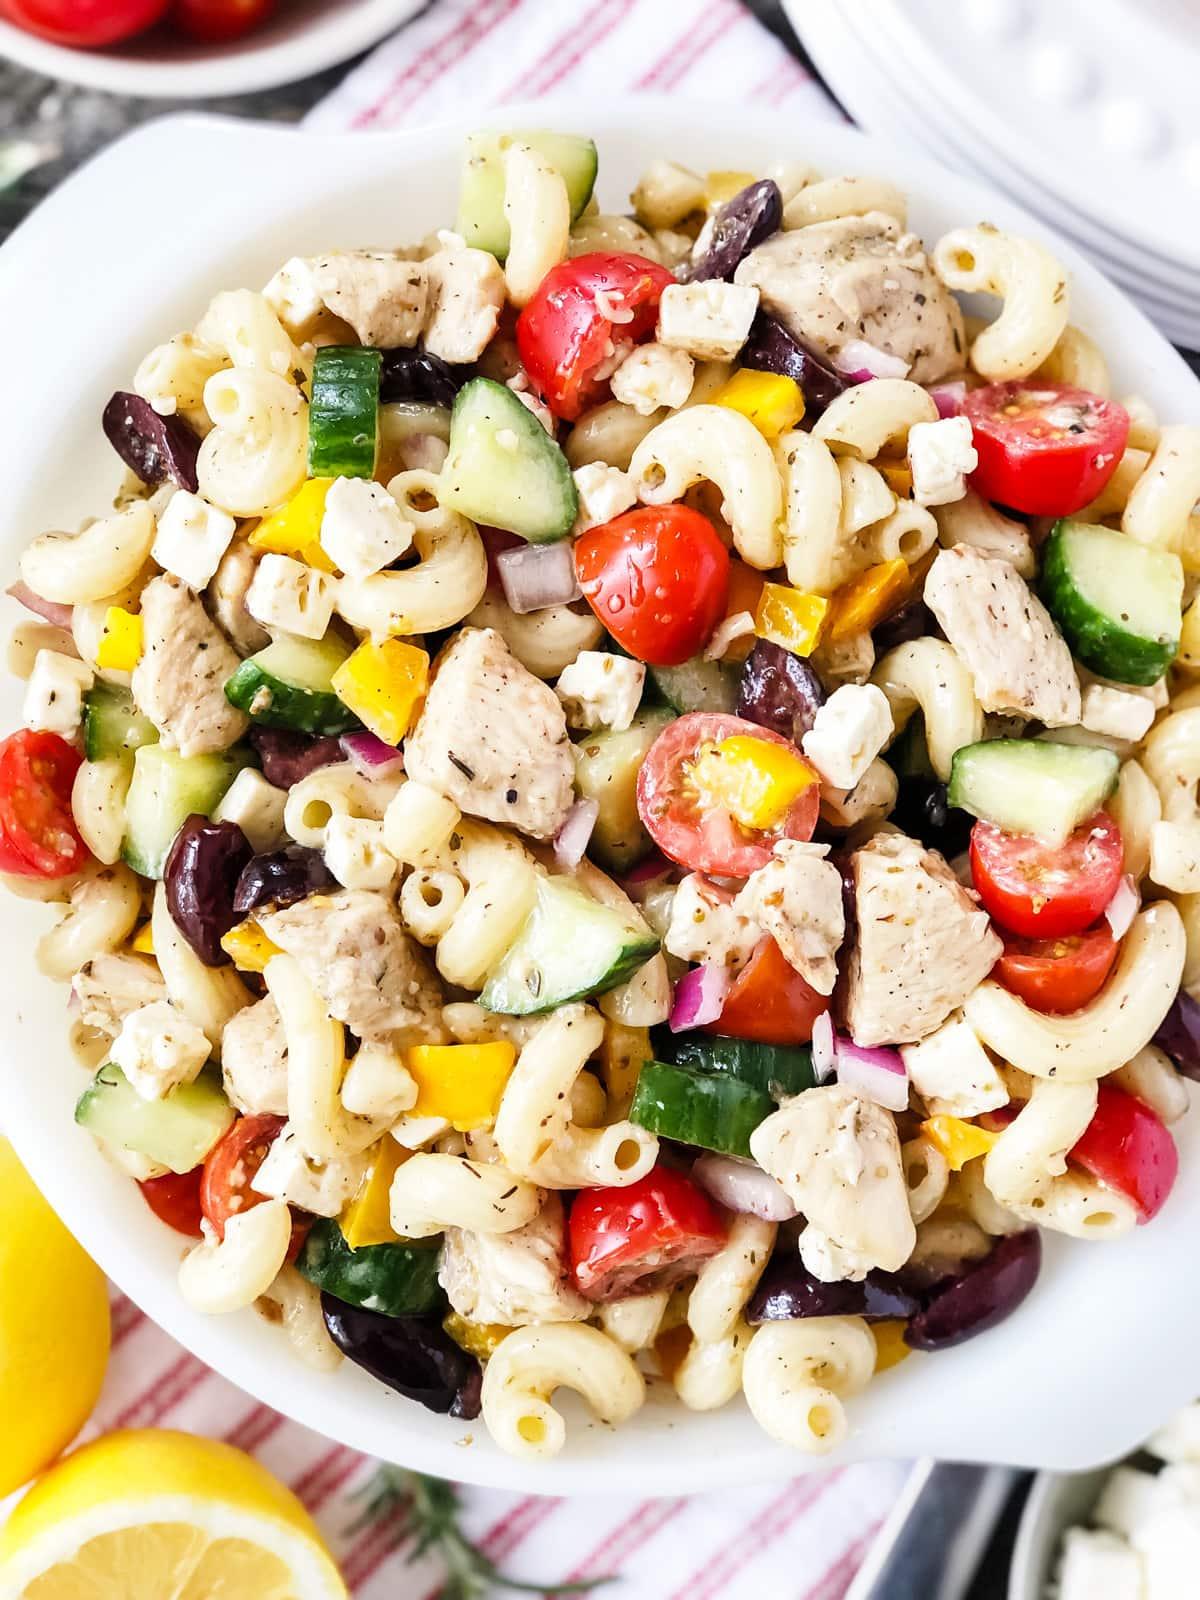 Greek Pasta Salad with Chicken